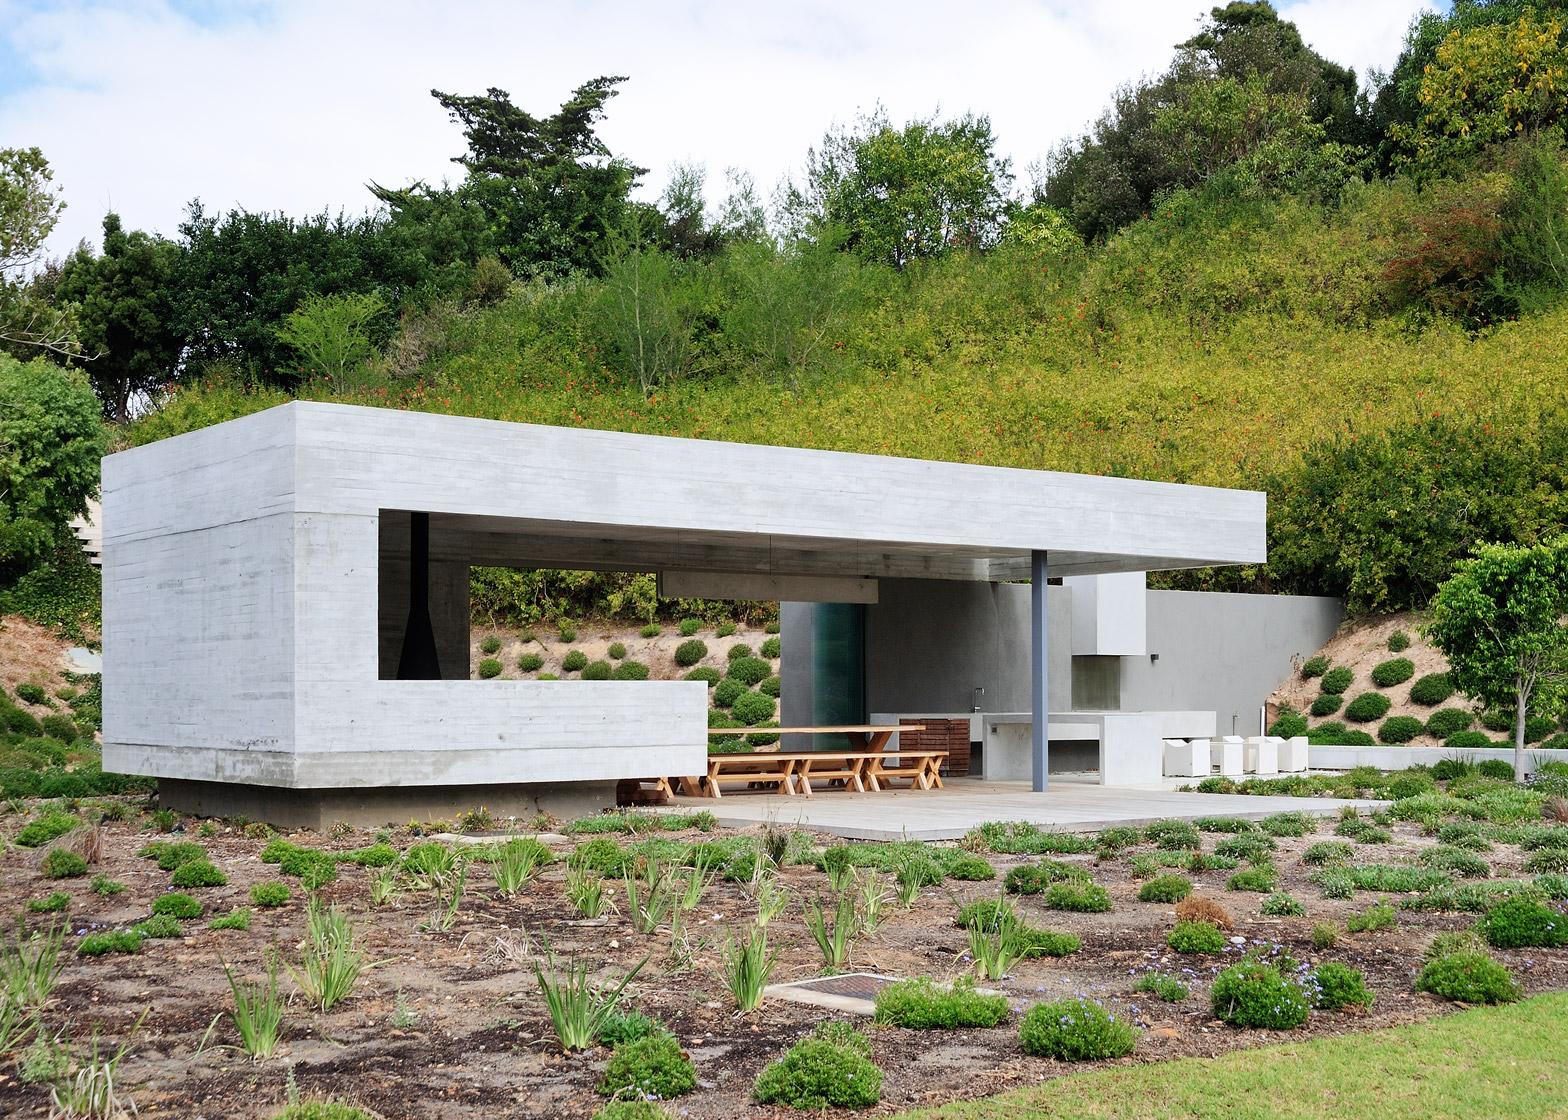 Außenküche Selber Bauen Nrw : Außenküche selber bauen bilder ideen konzept kücheninsel selber